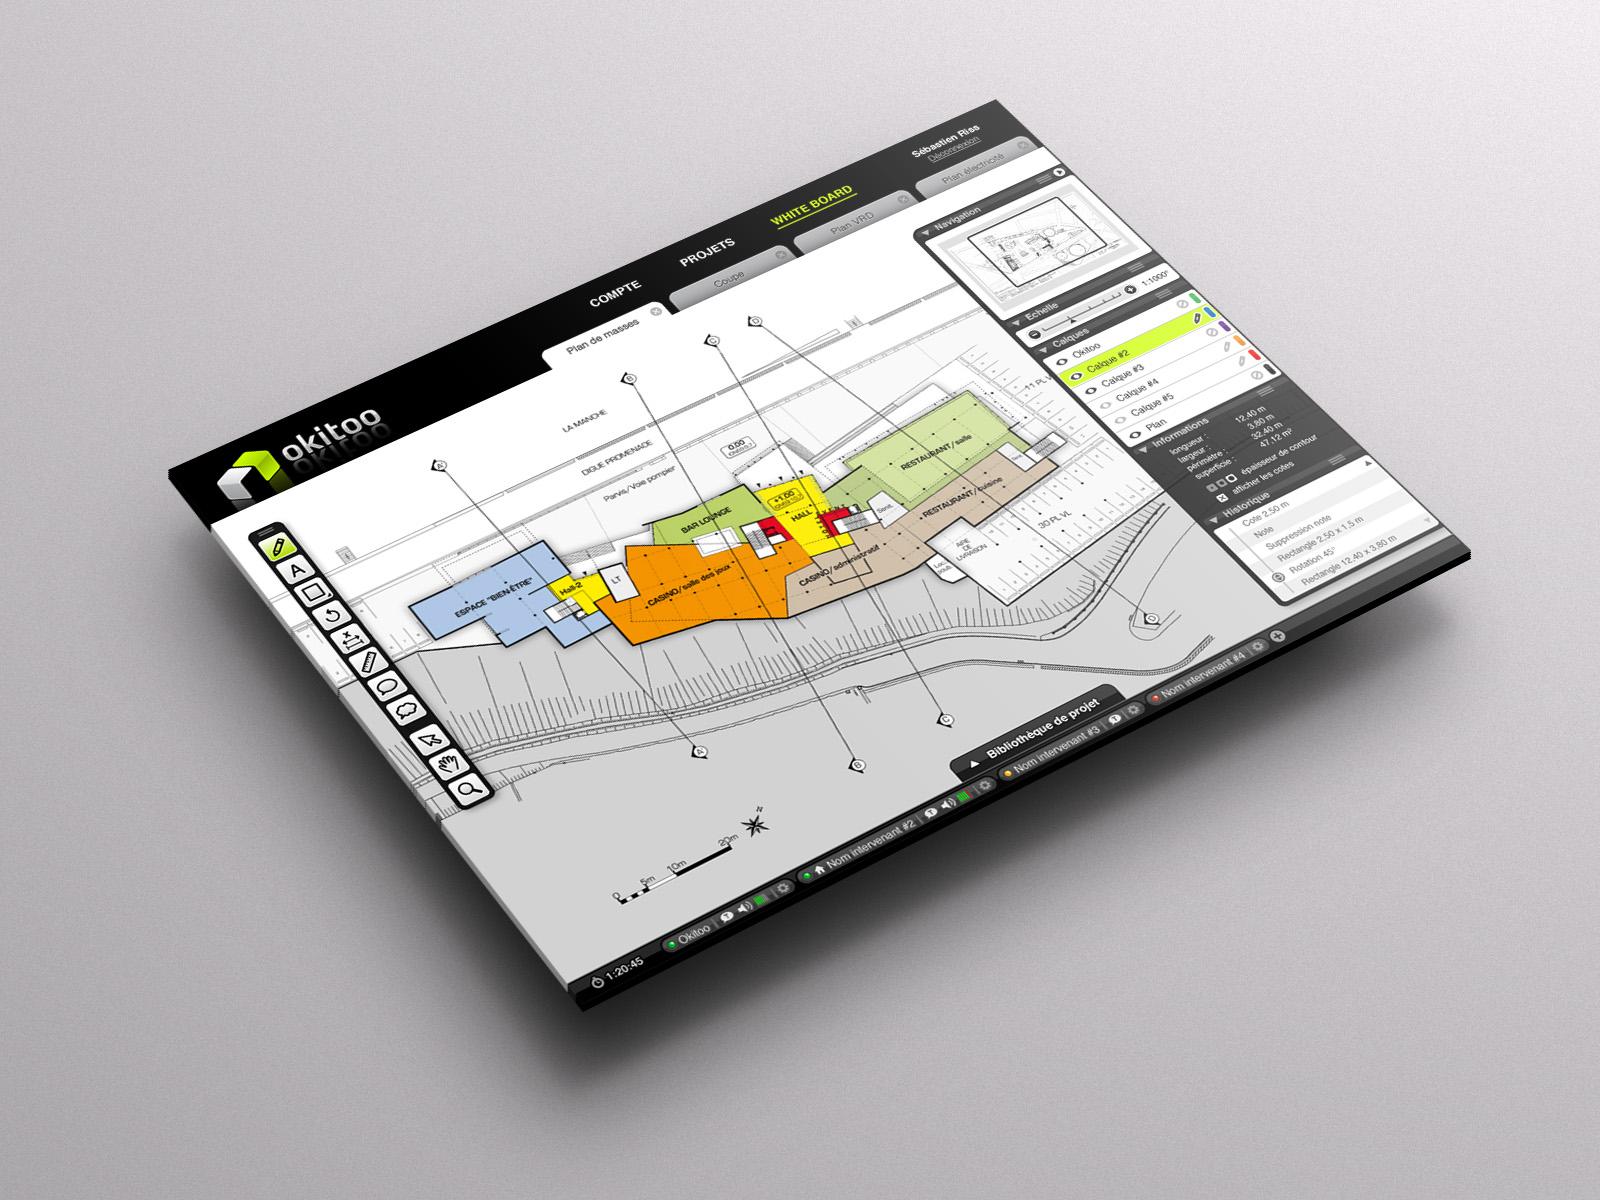 Okitoo - Interface 1